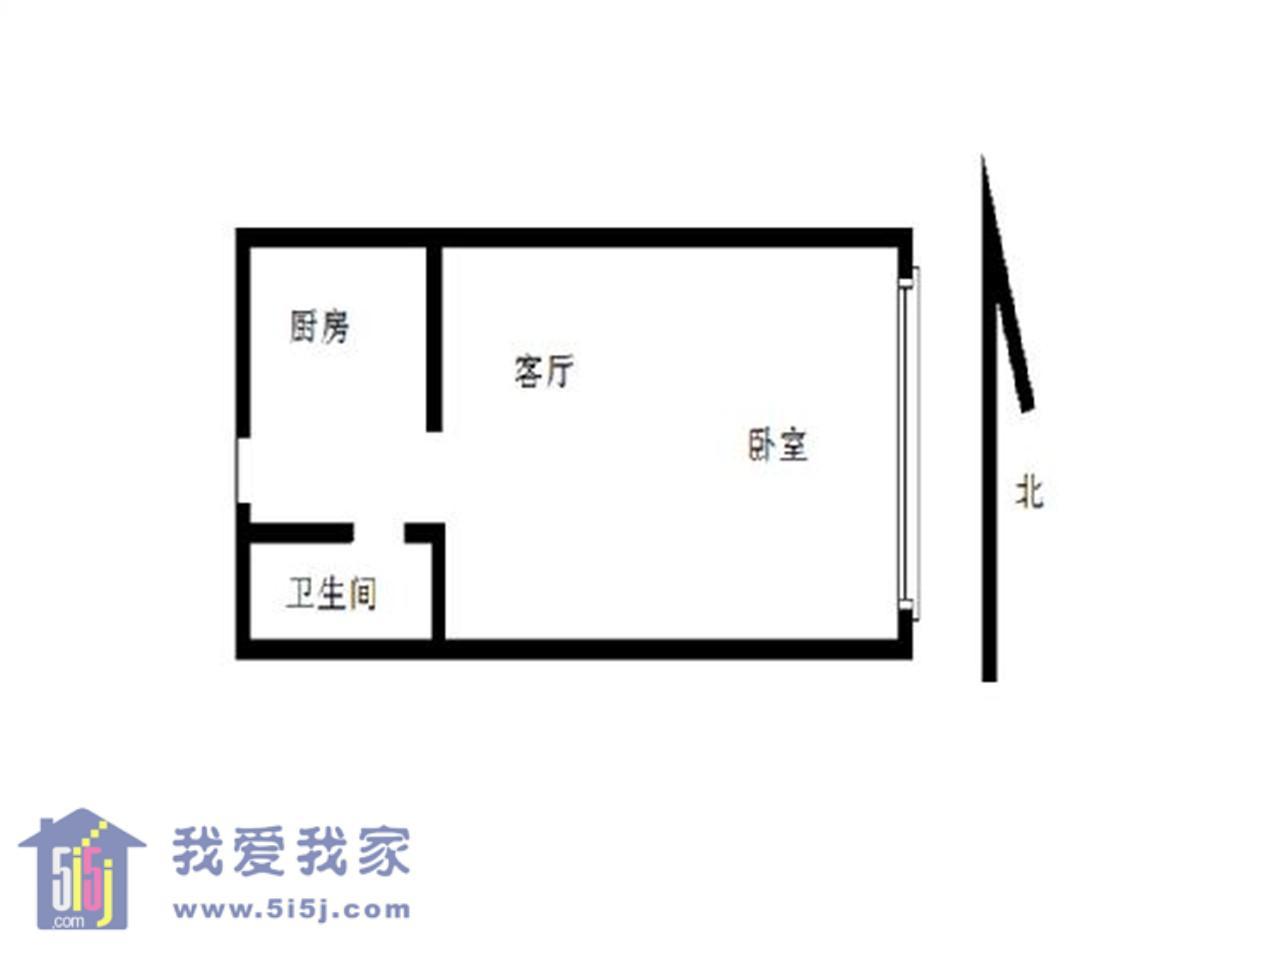 鼓楼区龙江摩尔特区1室1厅户型图